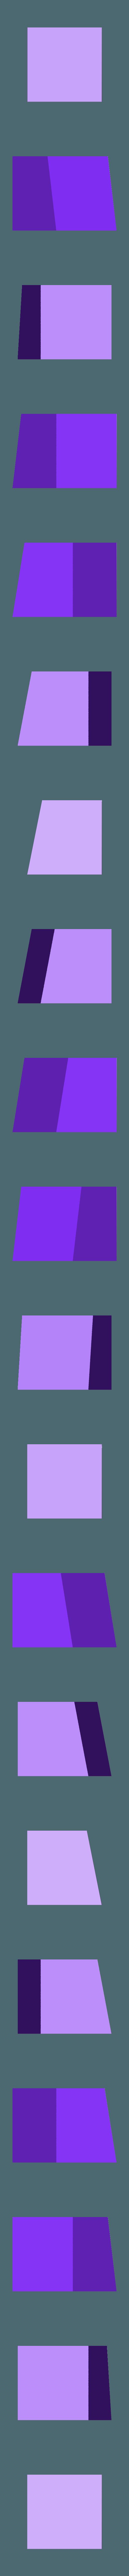 Ticket House.stl Télécharger fichier STL La grande roue • Plan pour imprimante 3D, Janis_Bruchwalski